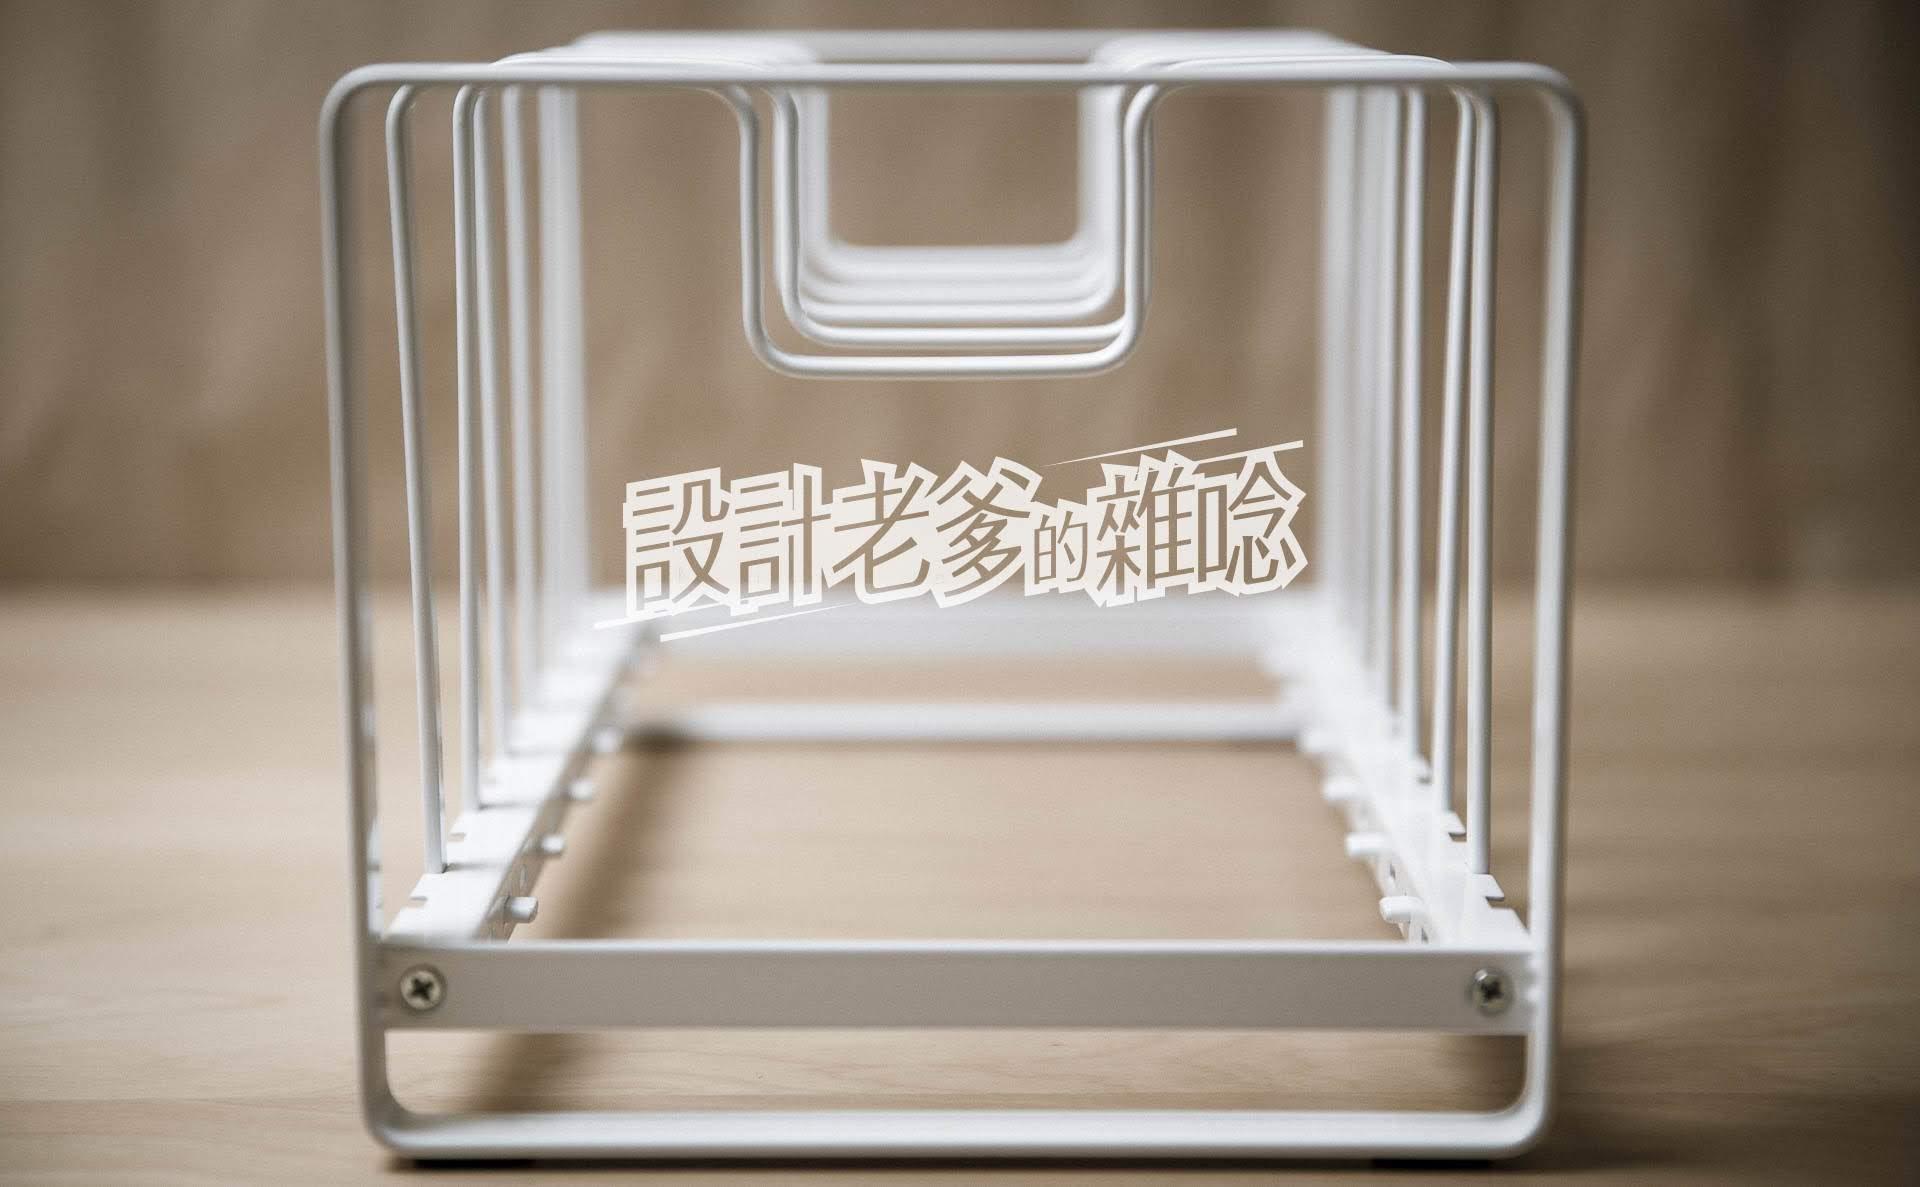 日本山崎Yamazaki百年居家收納品牌...我家廚房收納更美啦!